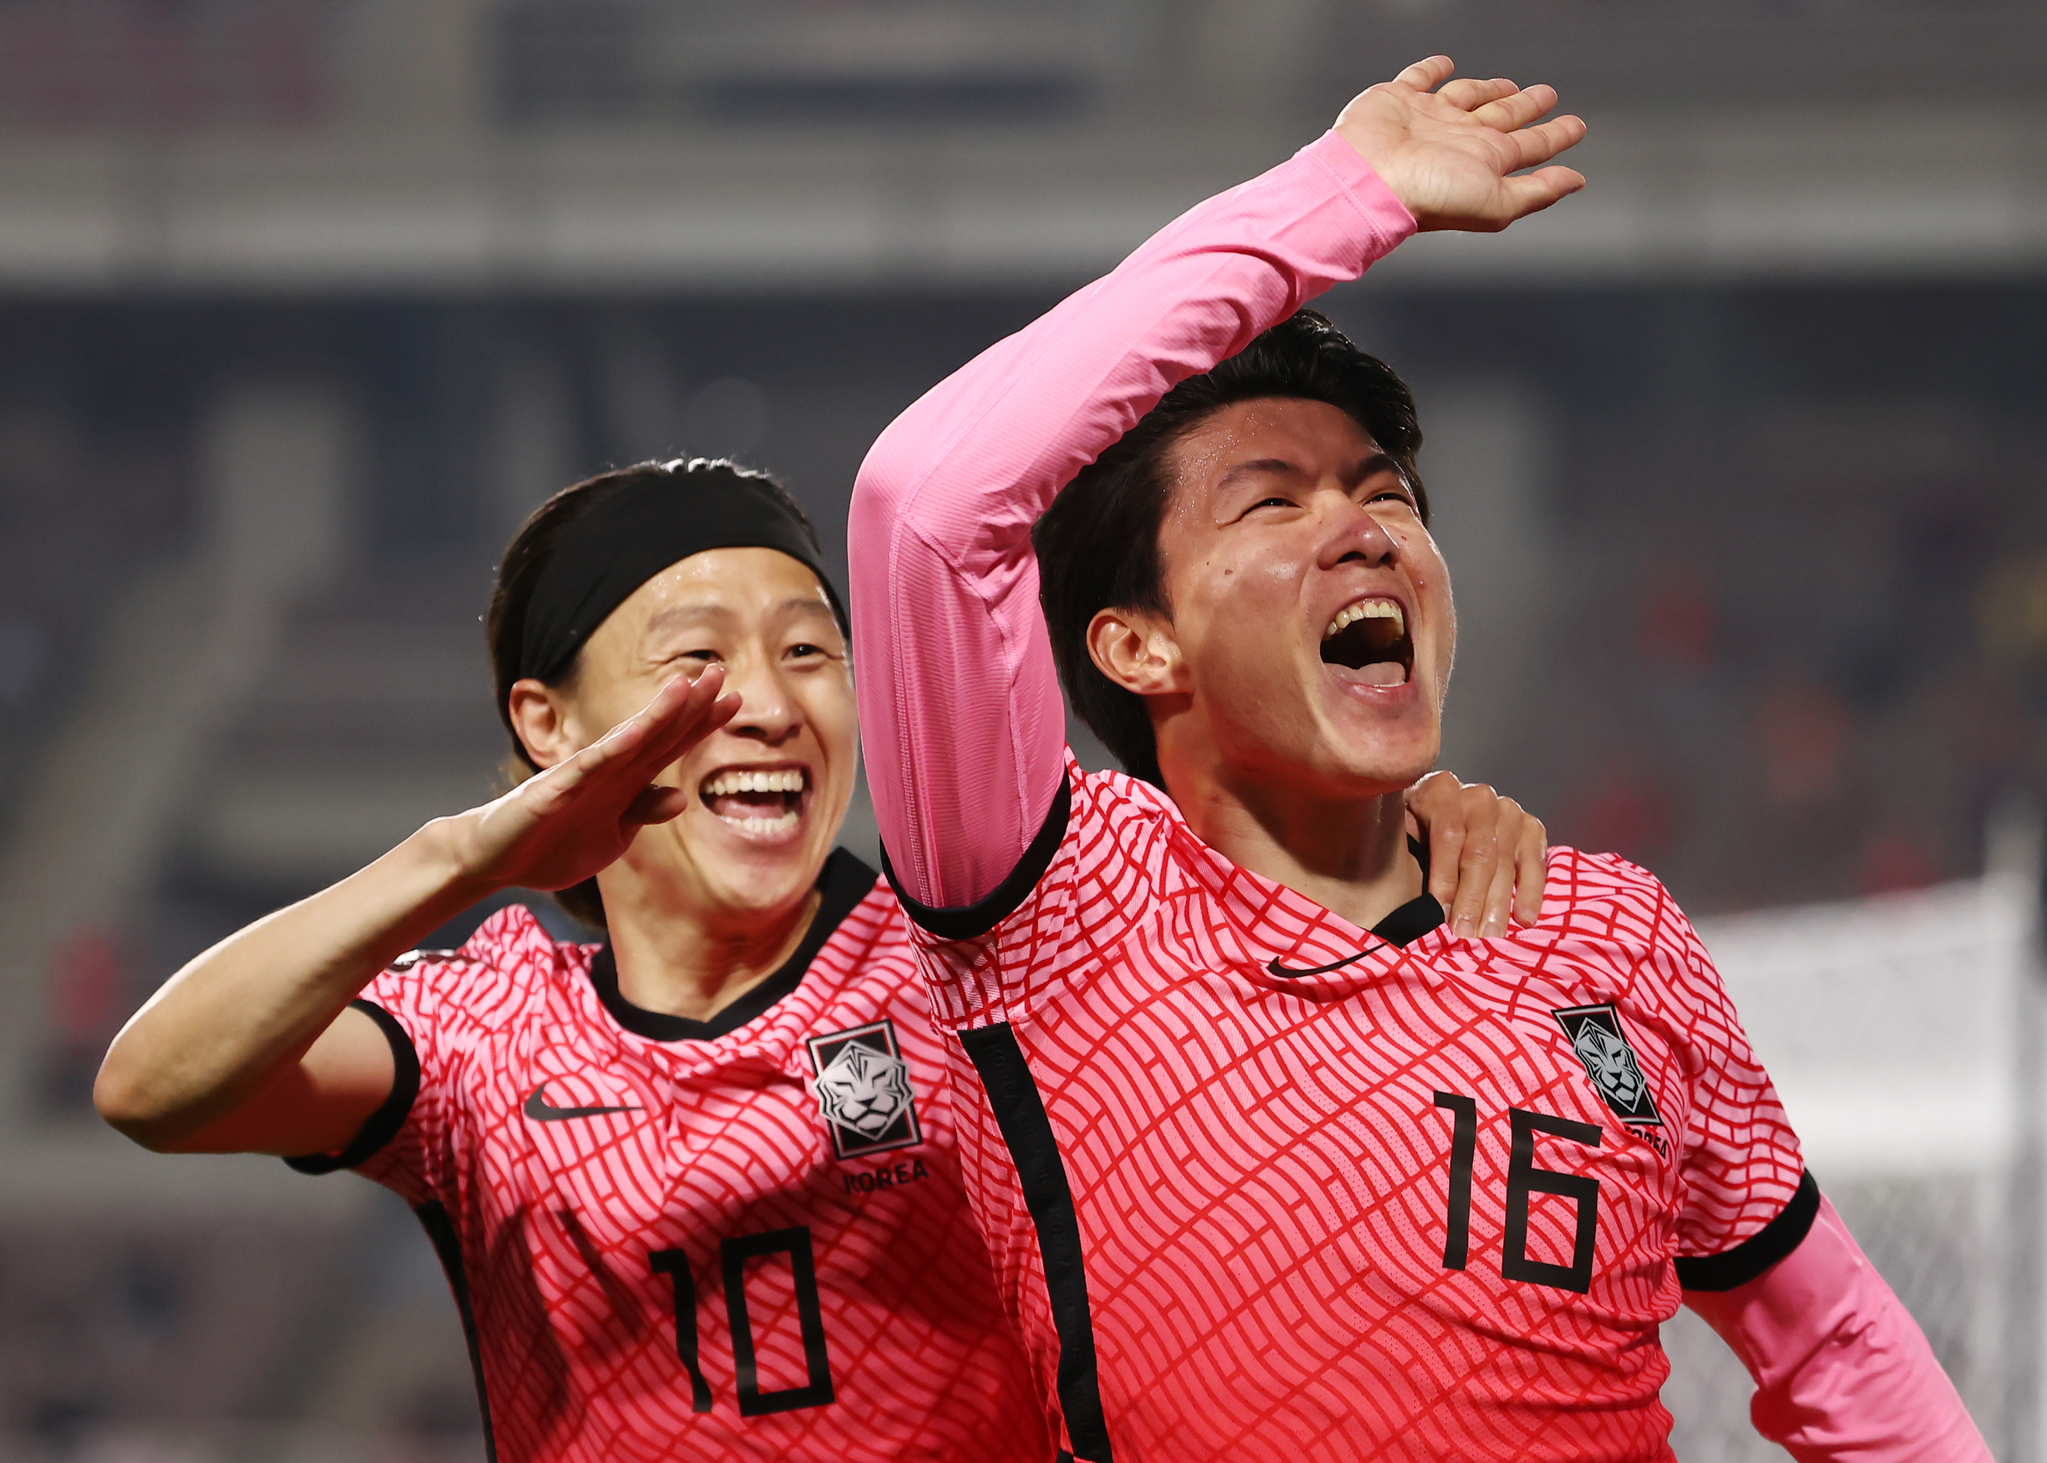 5일 고양종합운동장에서 열린 카타르 월드컵 2차 예선 대한민국 대 투르크메니스탄 경기. 황의조가 헤딩으로 선제골을 넣은 뒤 이재성과 함께 기쁨을 나누고 있다.[연합뉴스]